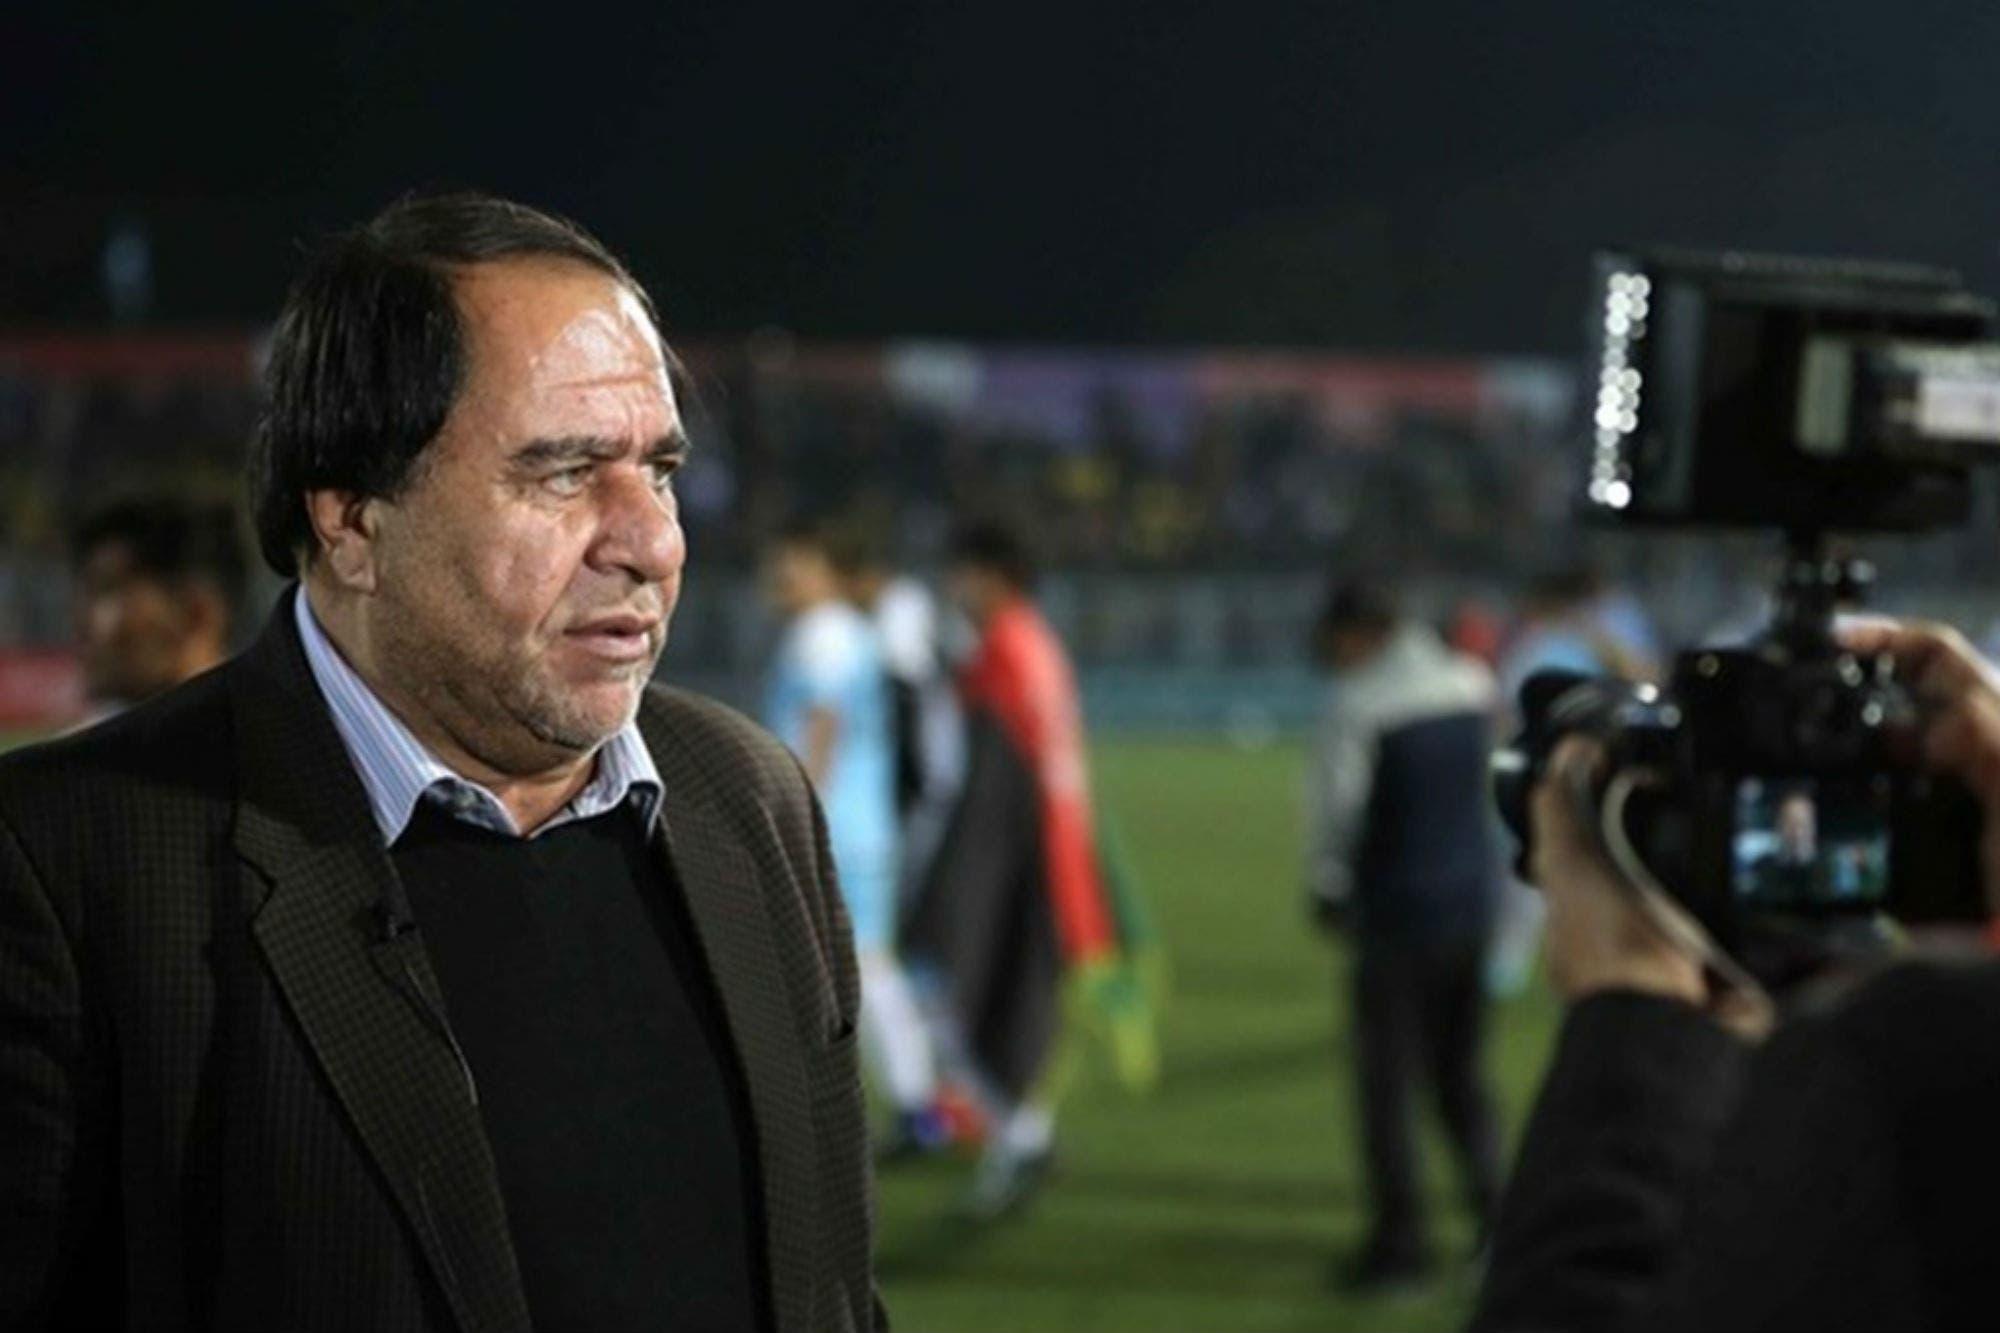 El presidente del fútbol afgano niega haber violado a jugadoras de la selección